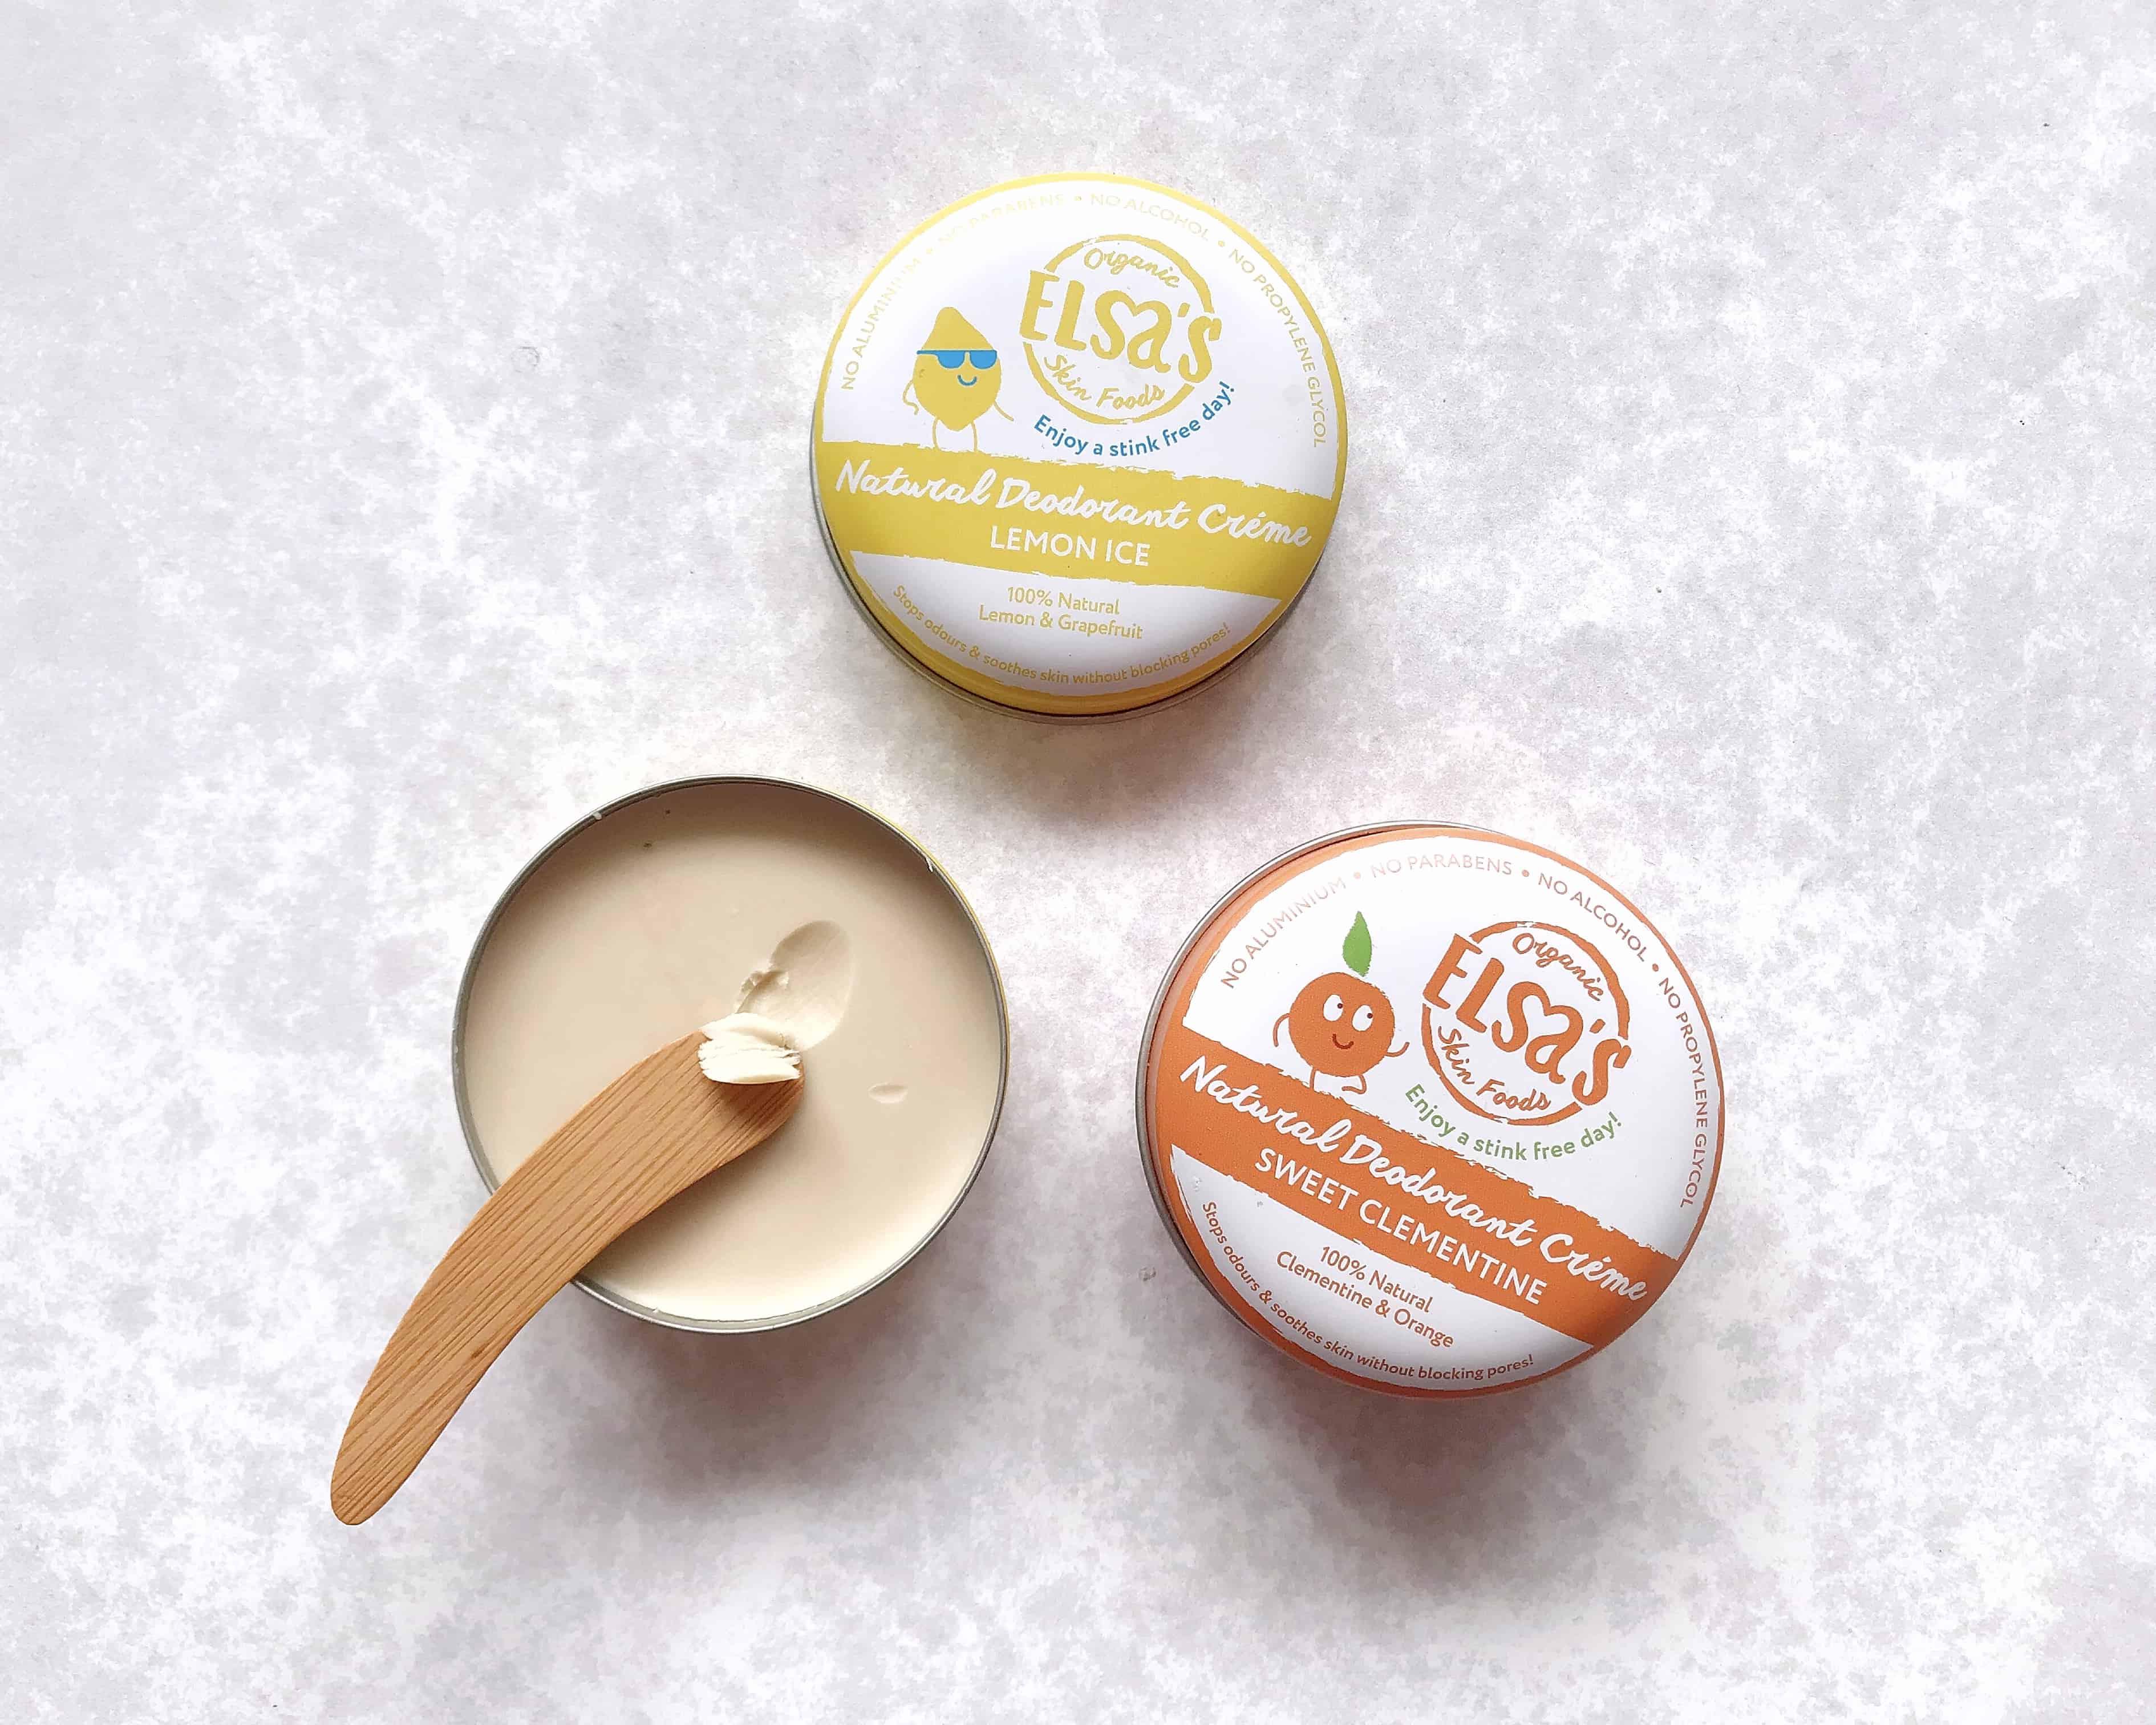 Elsa's Organic Skin Foods natural deodorant tins